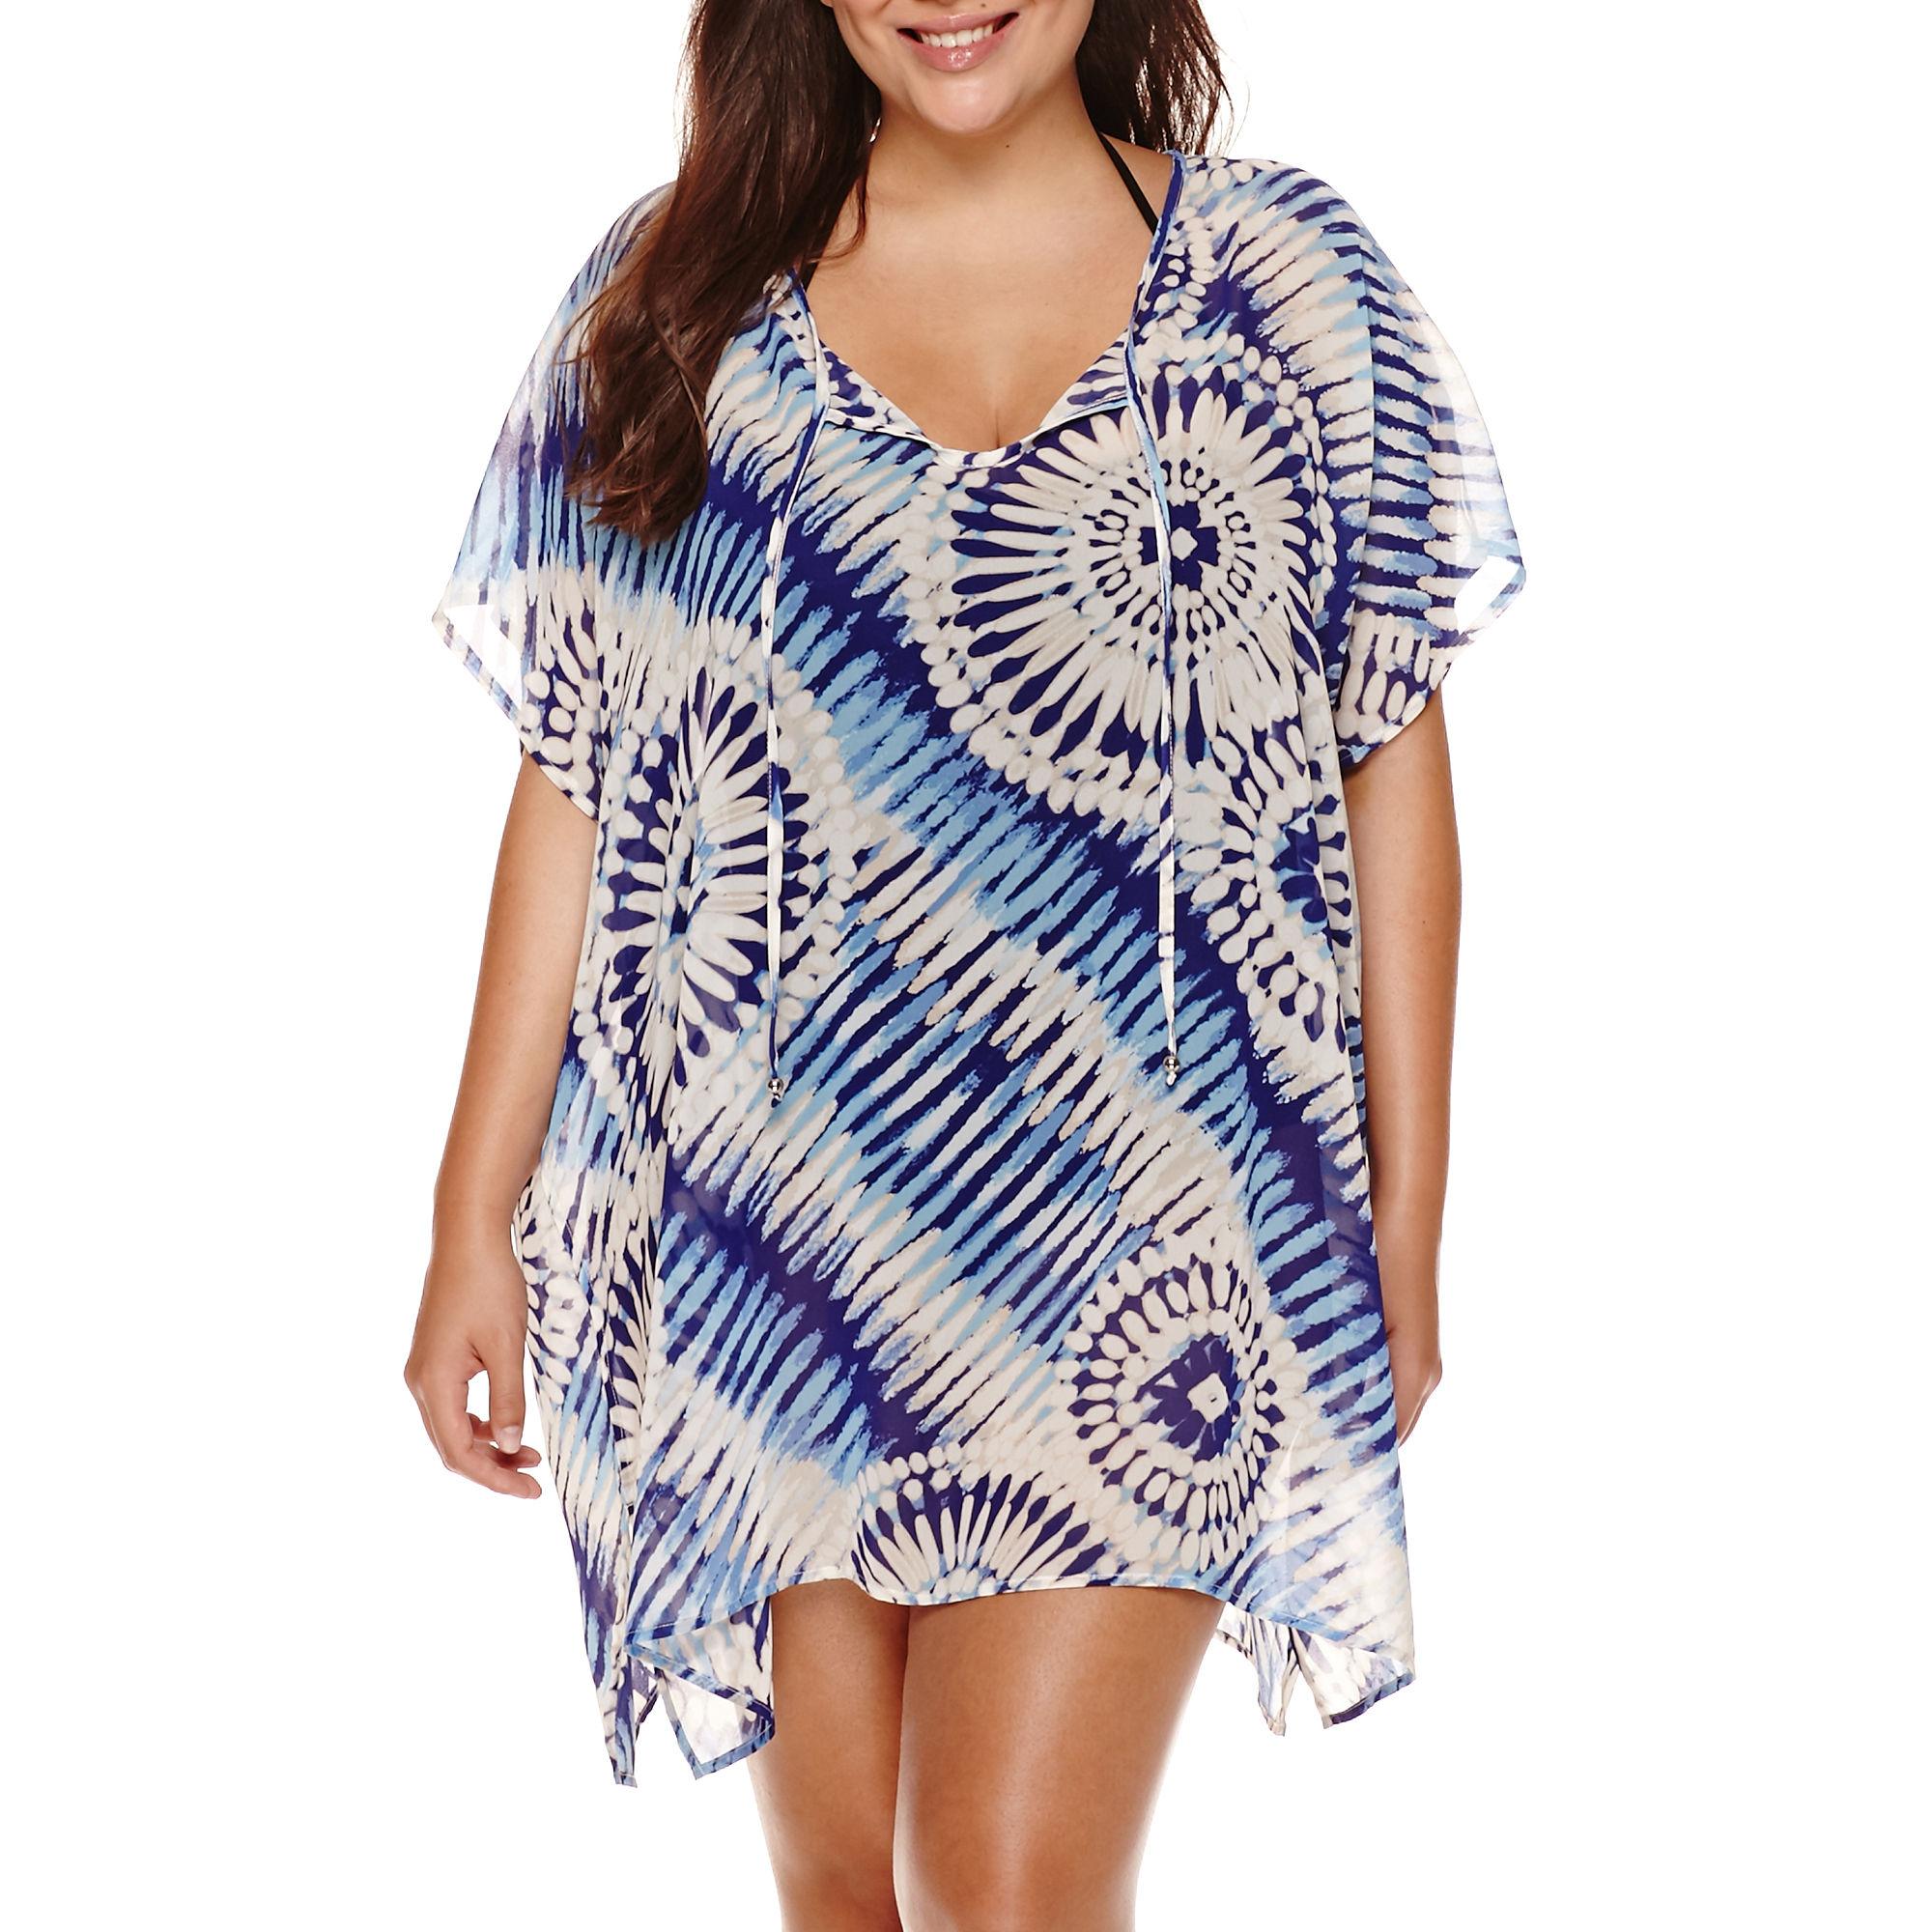 a.n.a Cap-Sleeve Boardwalk Tie-Dye Chiffon Kimono Cover-Up - Plus